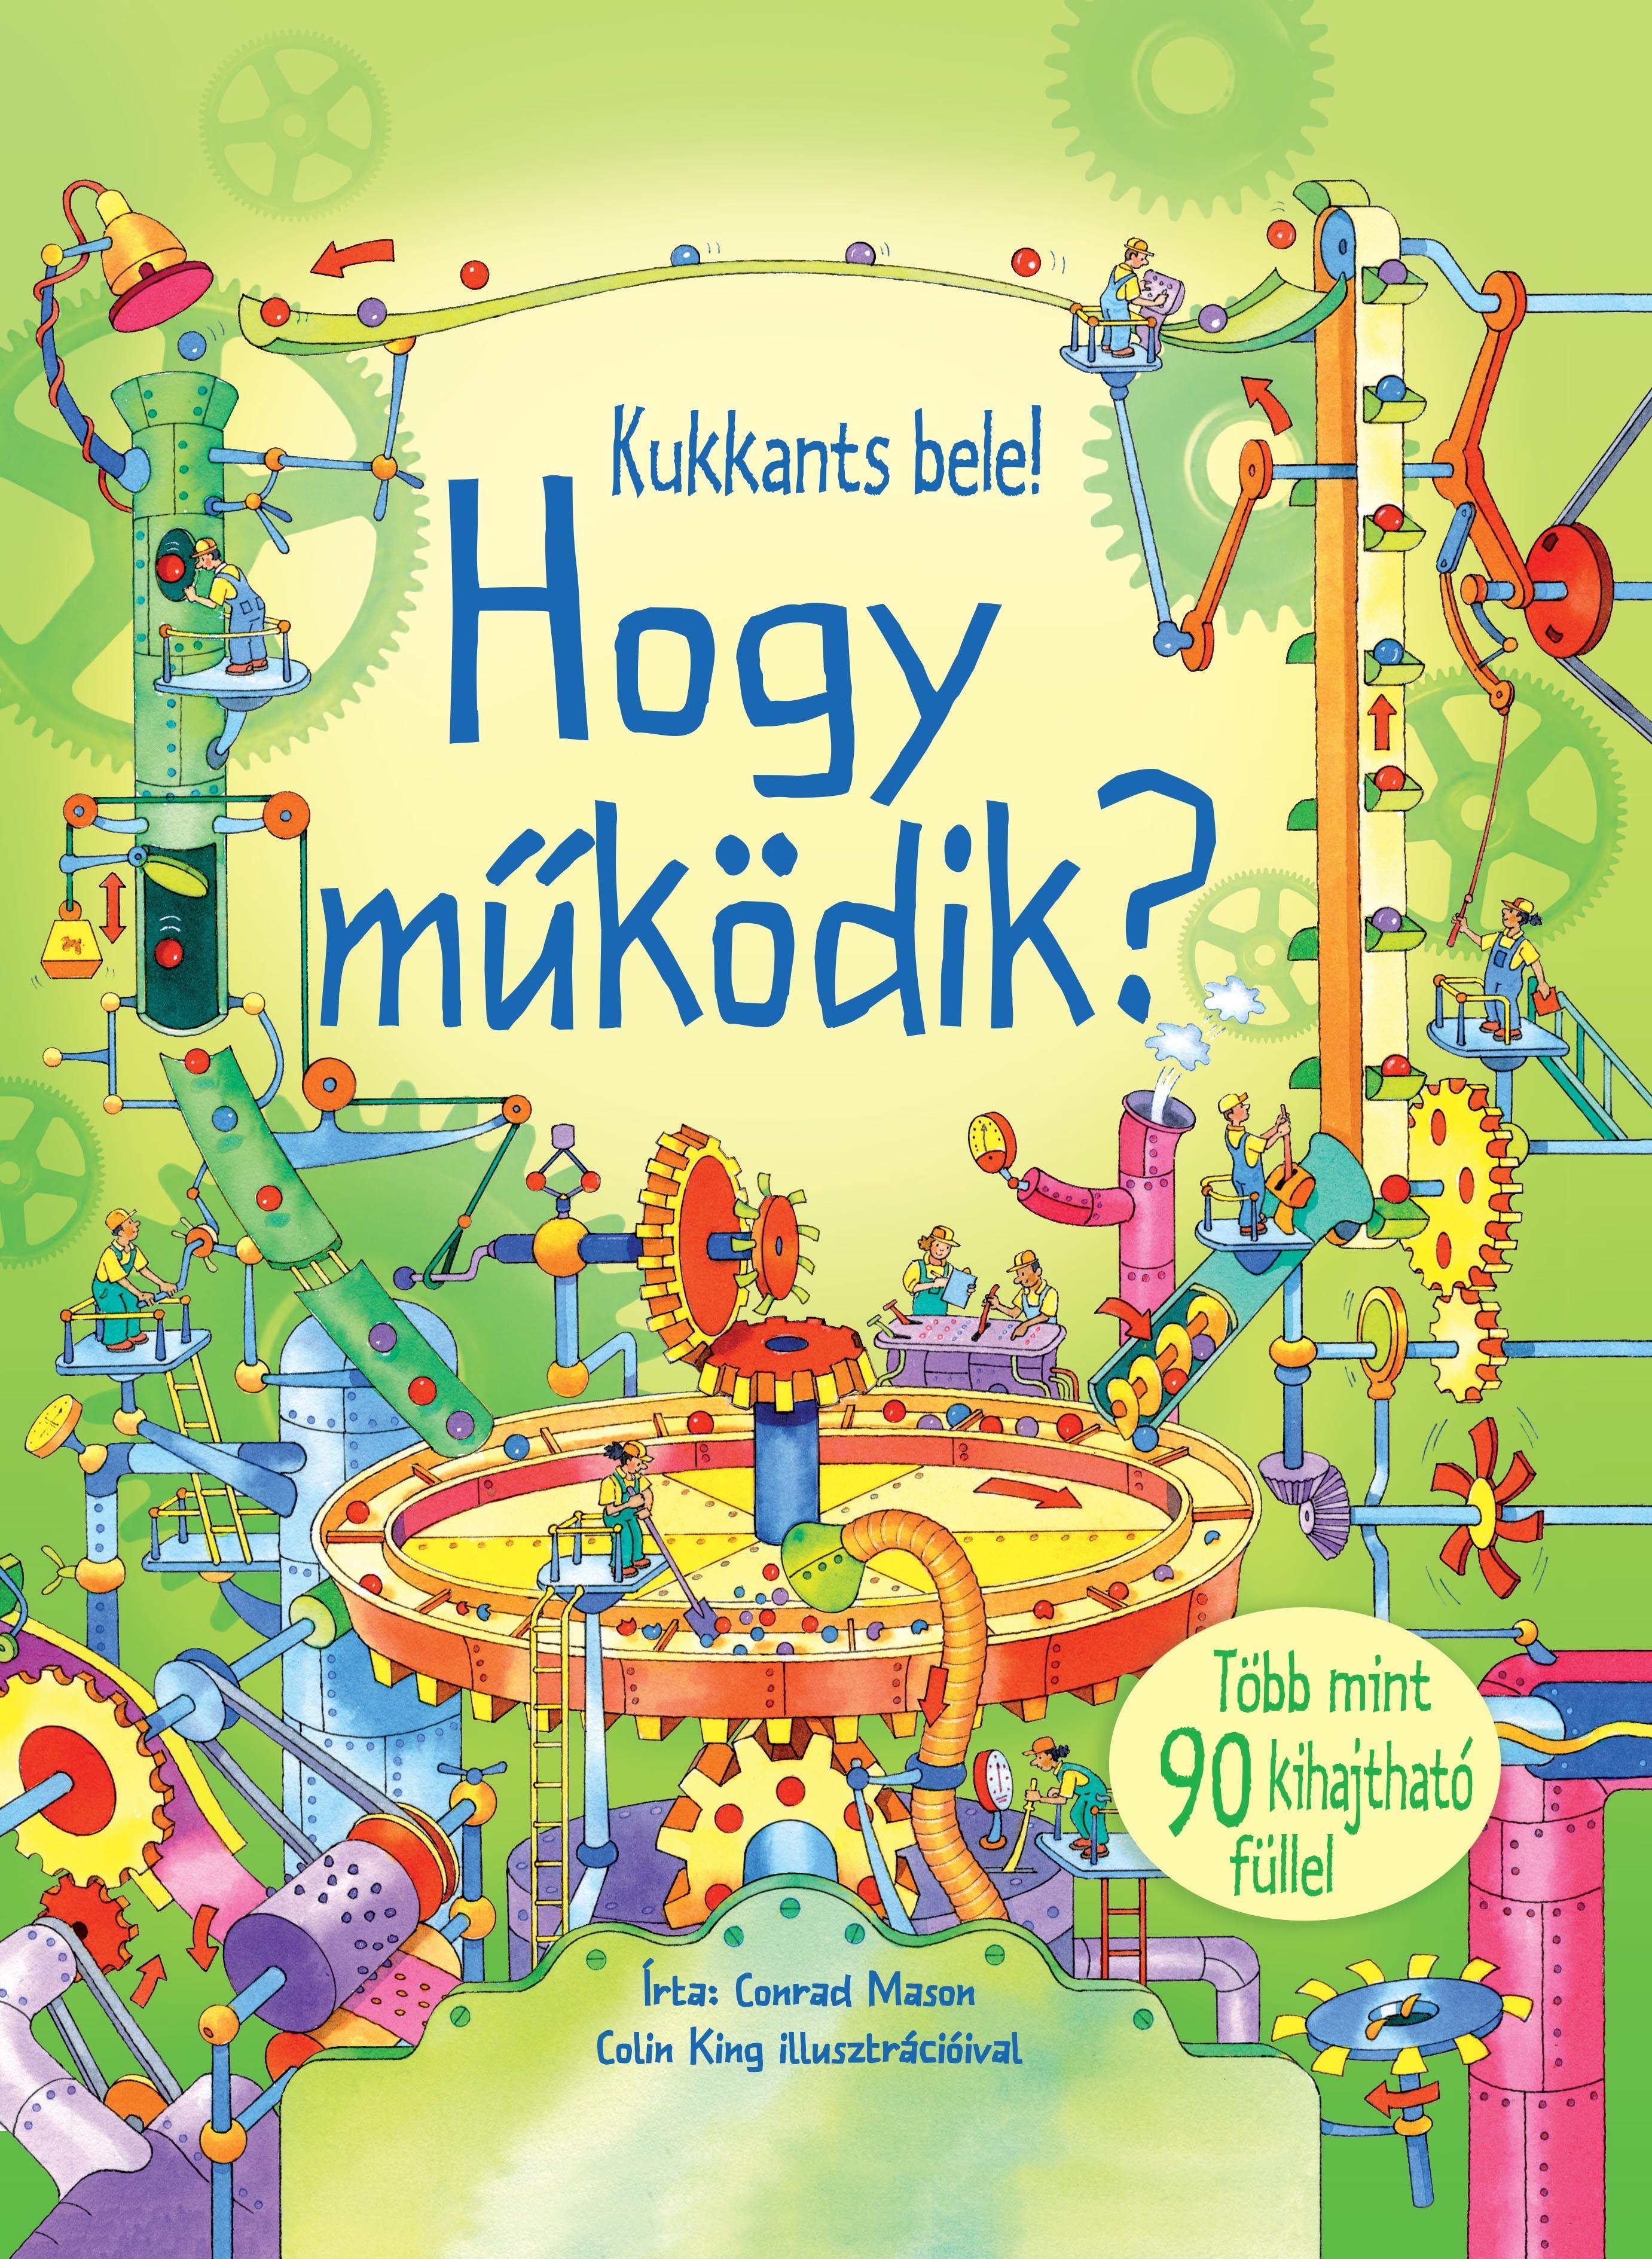 HOGY MÛKÖDIK? - KUKKANTS BELE!